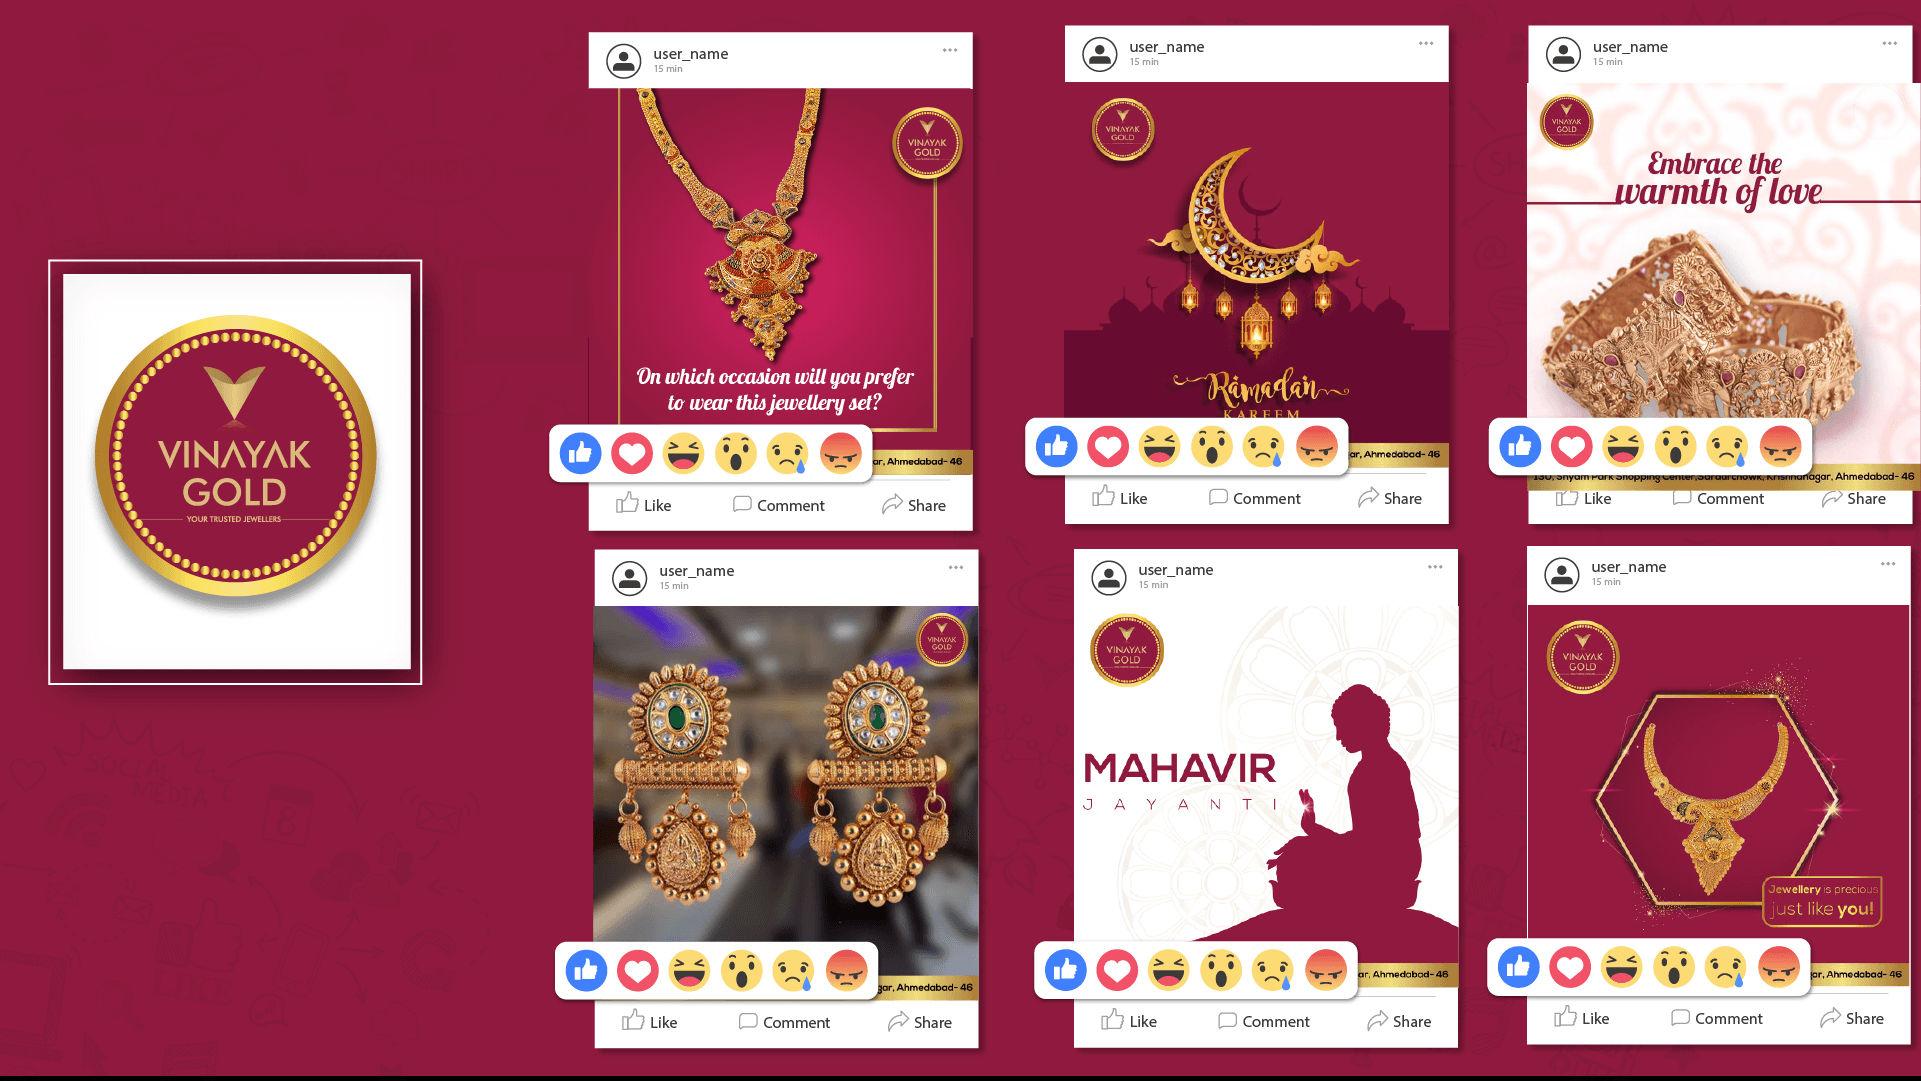 Vinayak Gold Social Media Creative